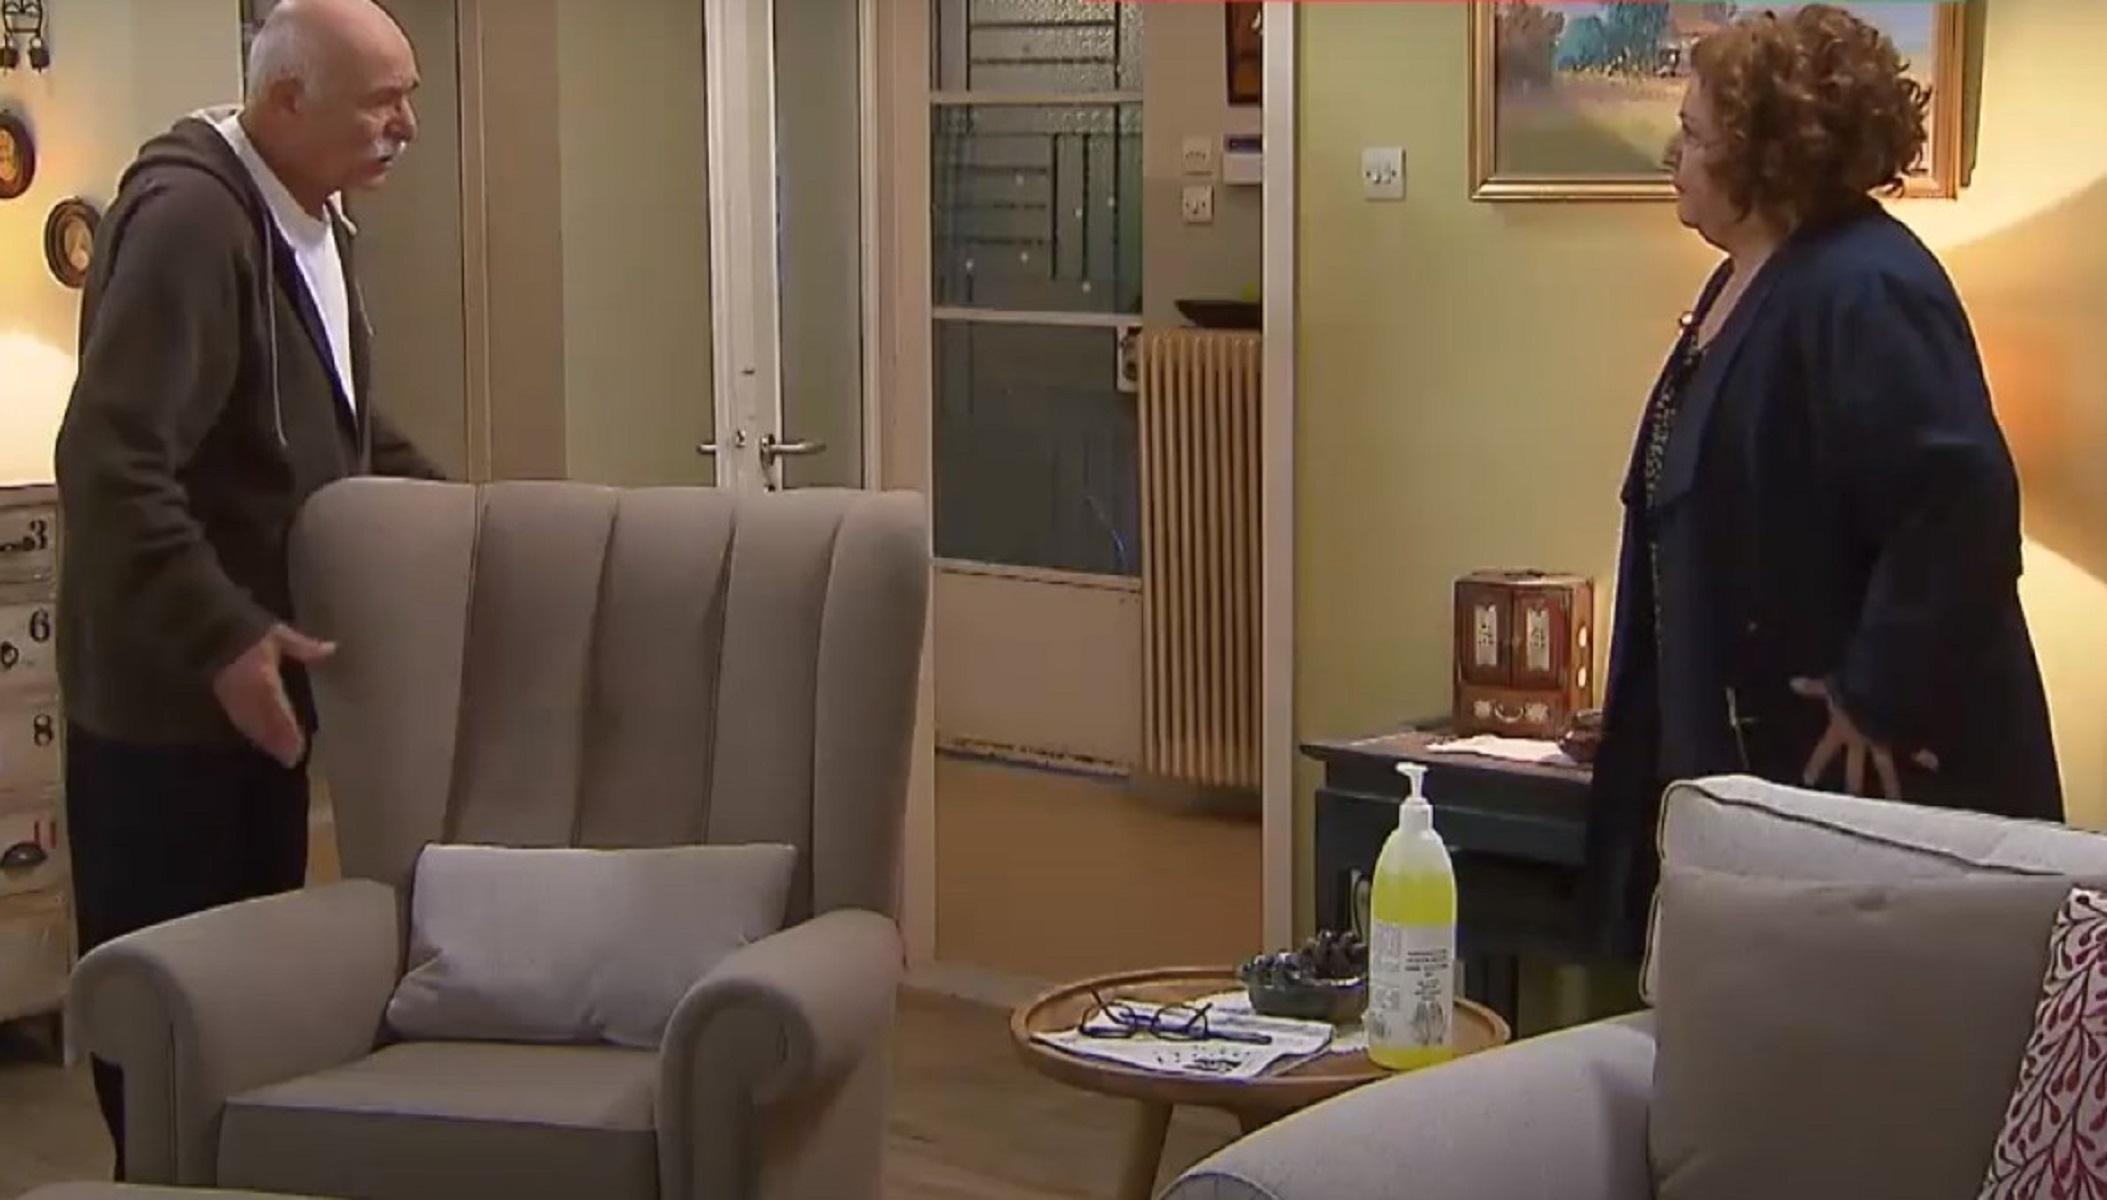 Μην αρχίζεις την μουρμούρα επεισόδιο 53: Τι θα δούμε σήμερα Παρασκευή 12/6 - Ο Μηνάς κλειδώνει έξω την Βούλα | Ειδησεις | Pagenews.gr